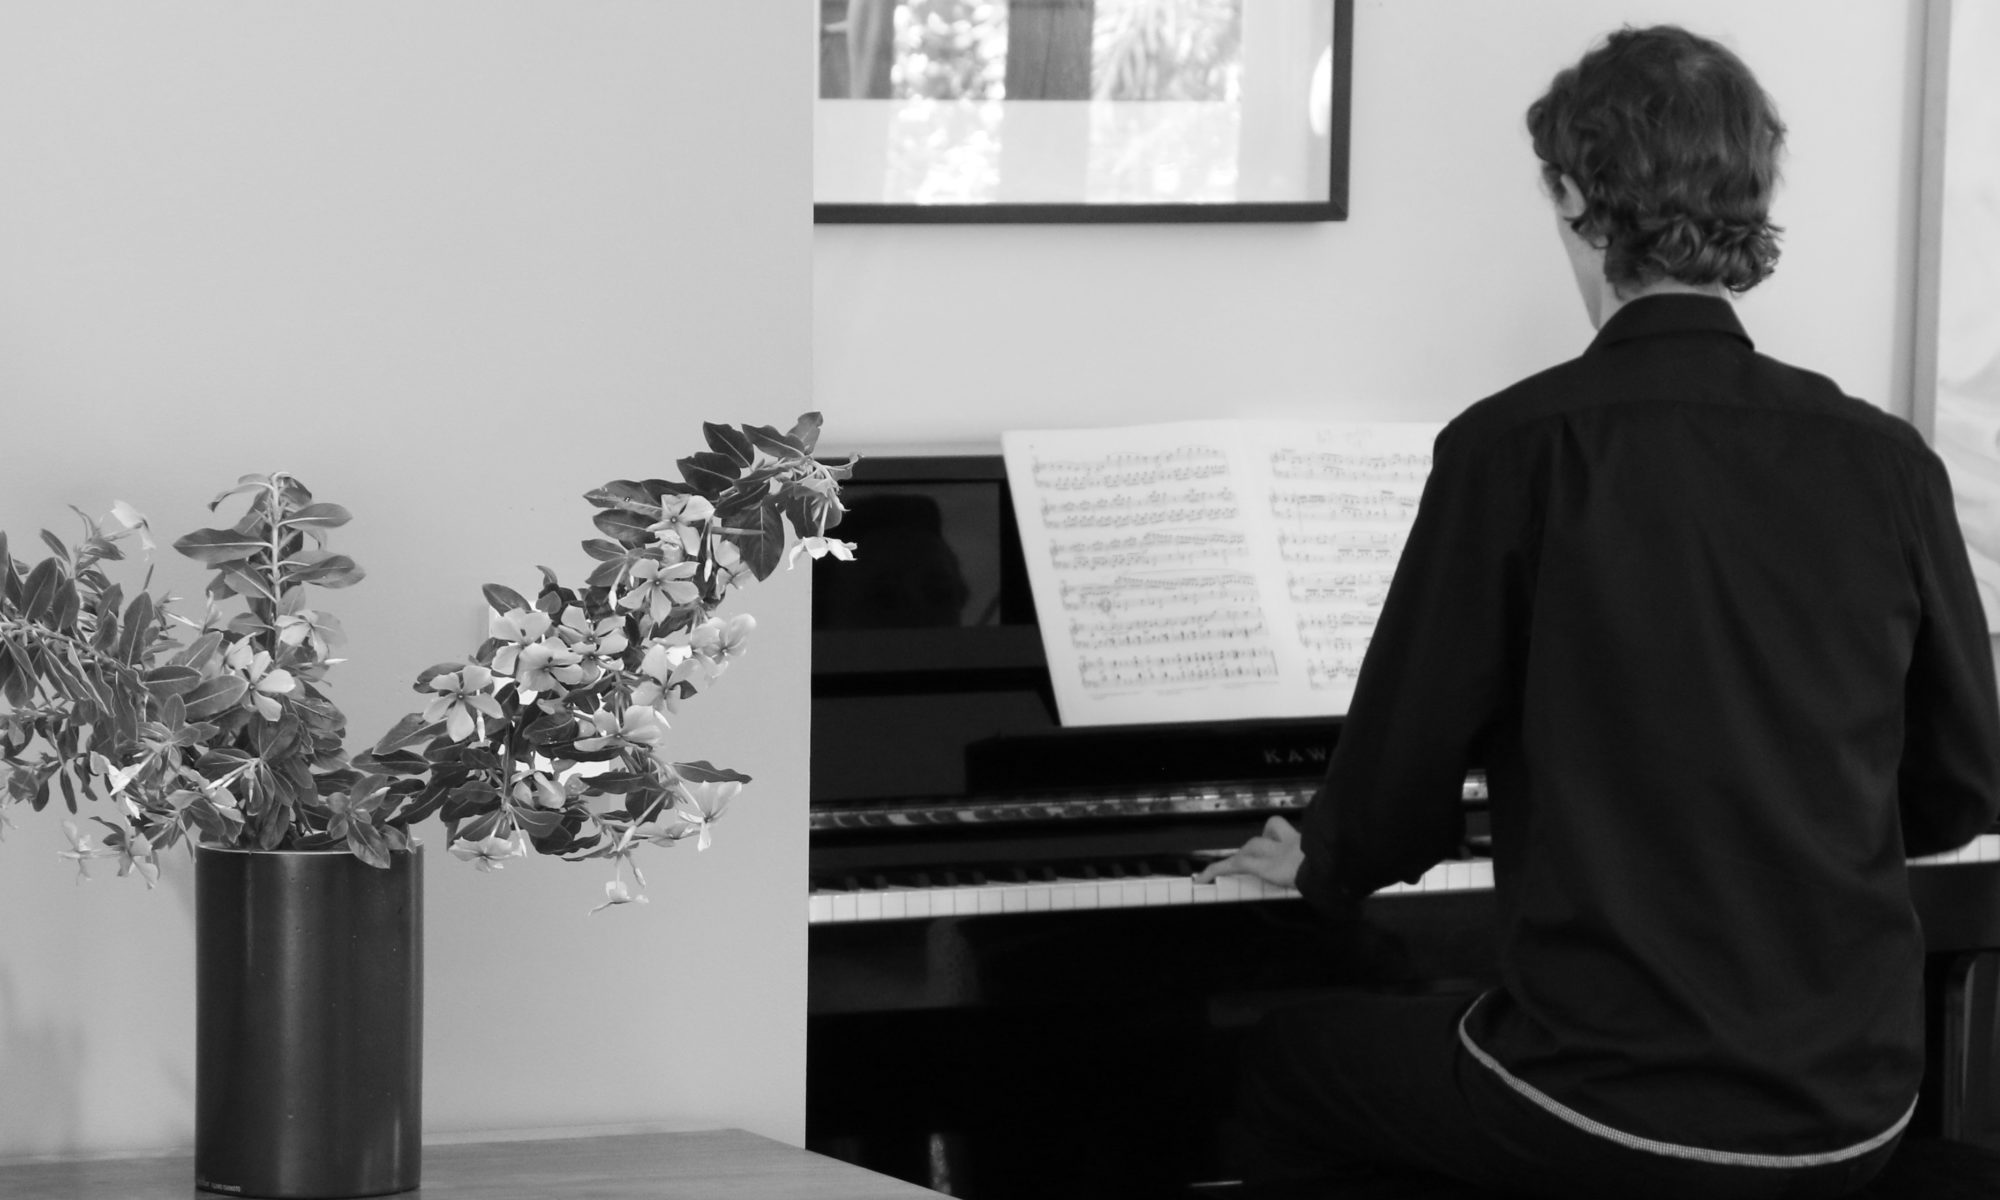 Neo Kinnunen-Ivanovic